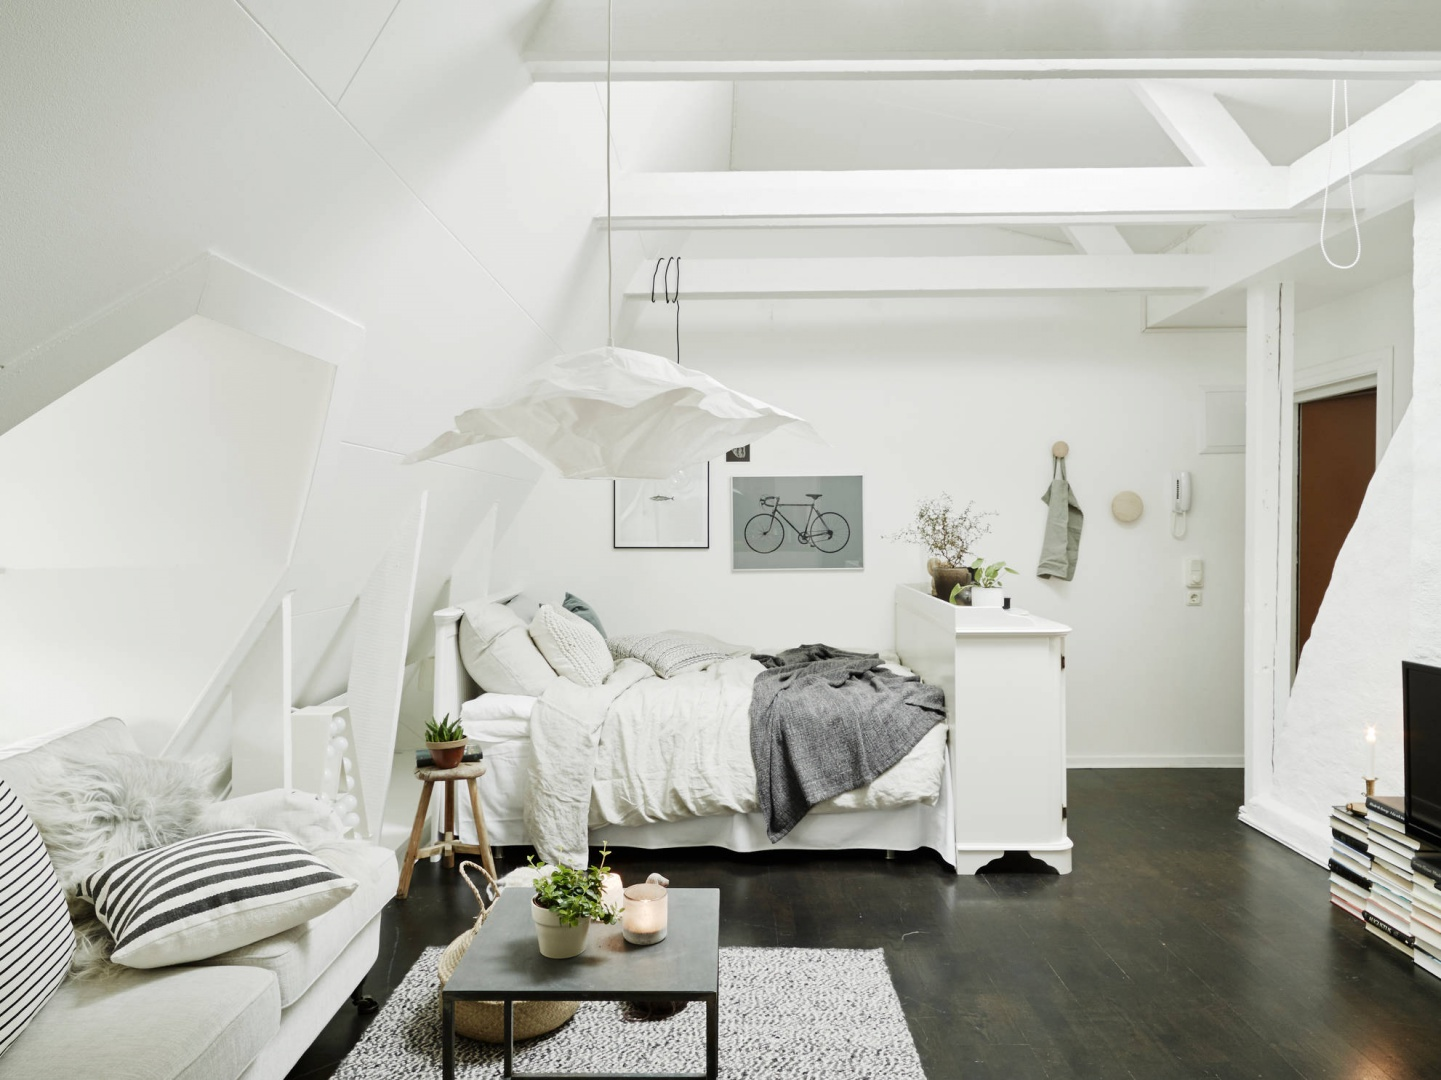 W otwartej przestrzeni mieszkania urządzono kuchnię, salon oraz sąsiadującą z nim sypialnię. W nogach łóżkach ustawiono niewielką komodę, która osłania przestrzeń do spania od bezpośredniego kontaktu z holem wejściowym. Fot. Stadshem.